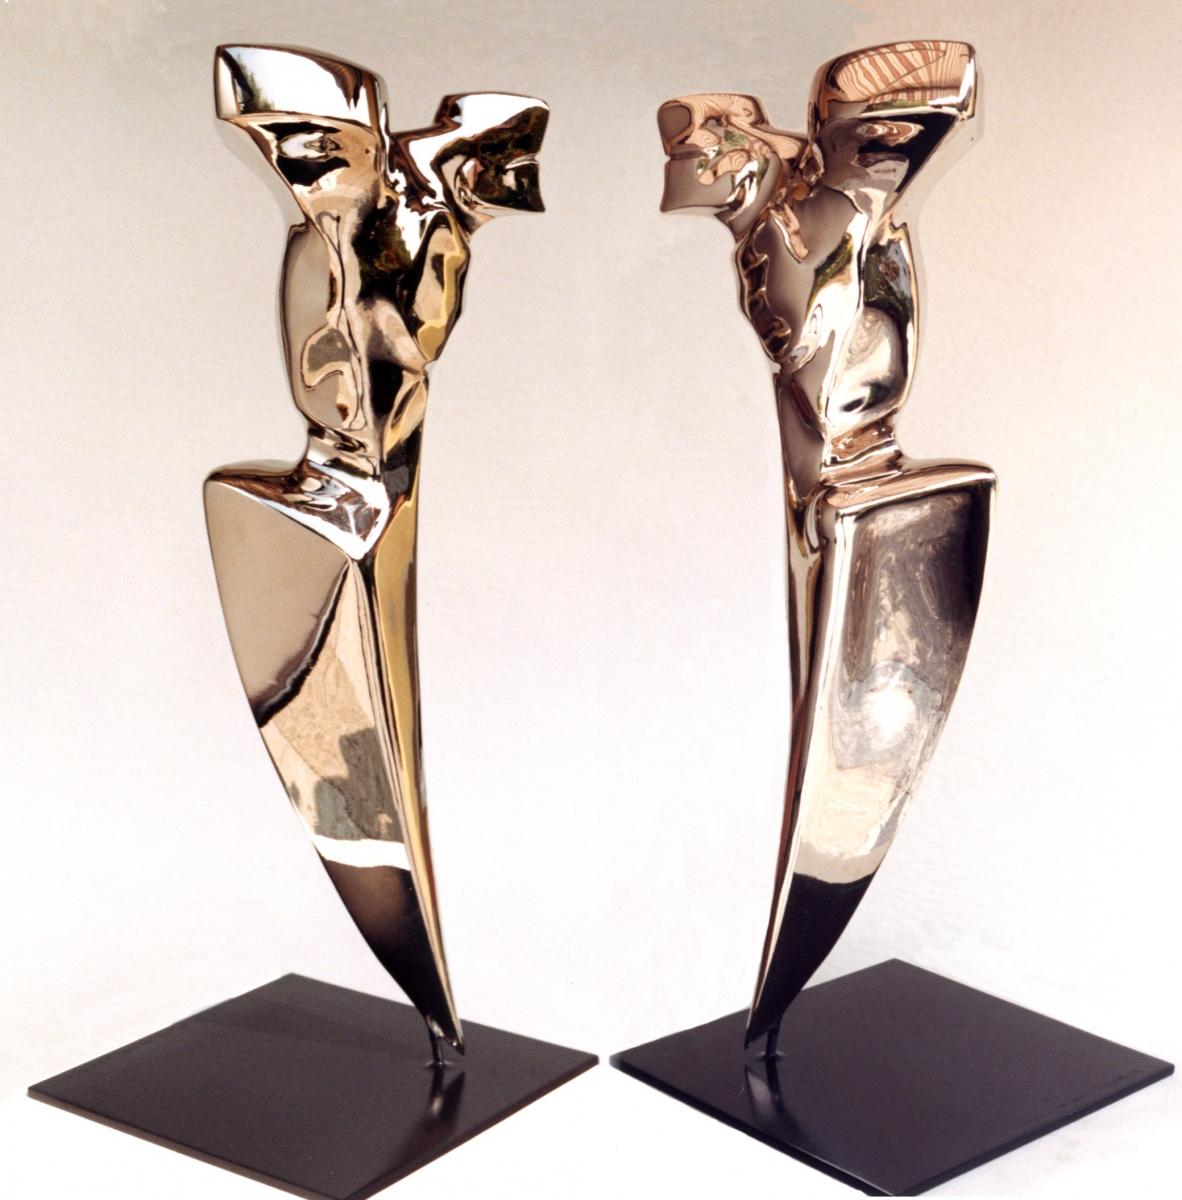 ANGELO VENDICATORE- Bronzo nichelato-80x40x40- 1996